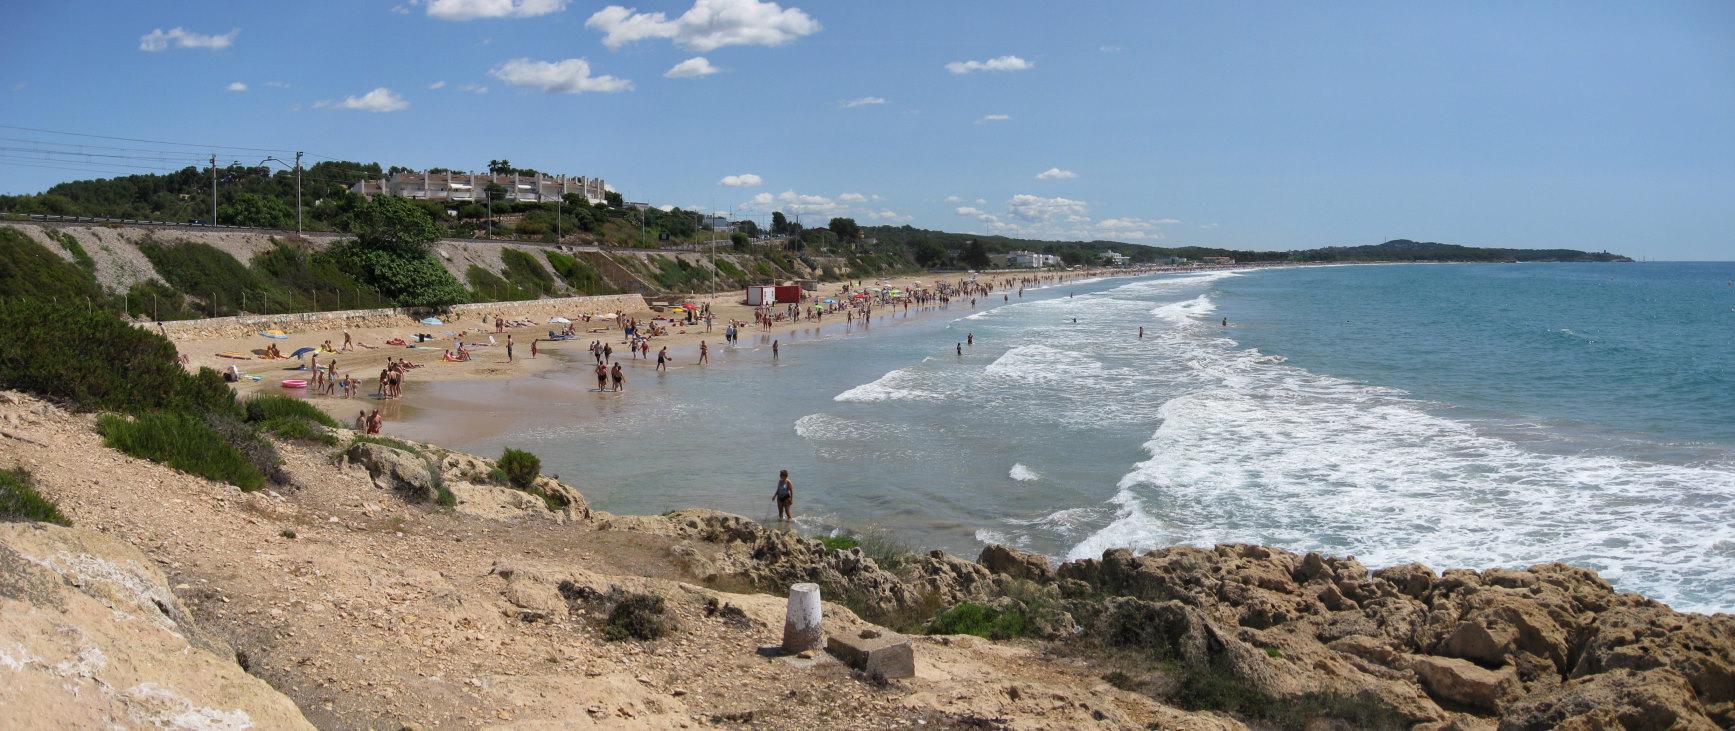 Playa Els Capellans / Los Capellanes